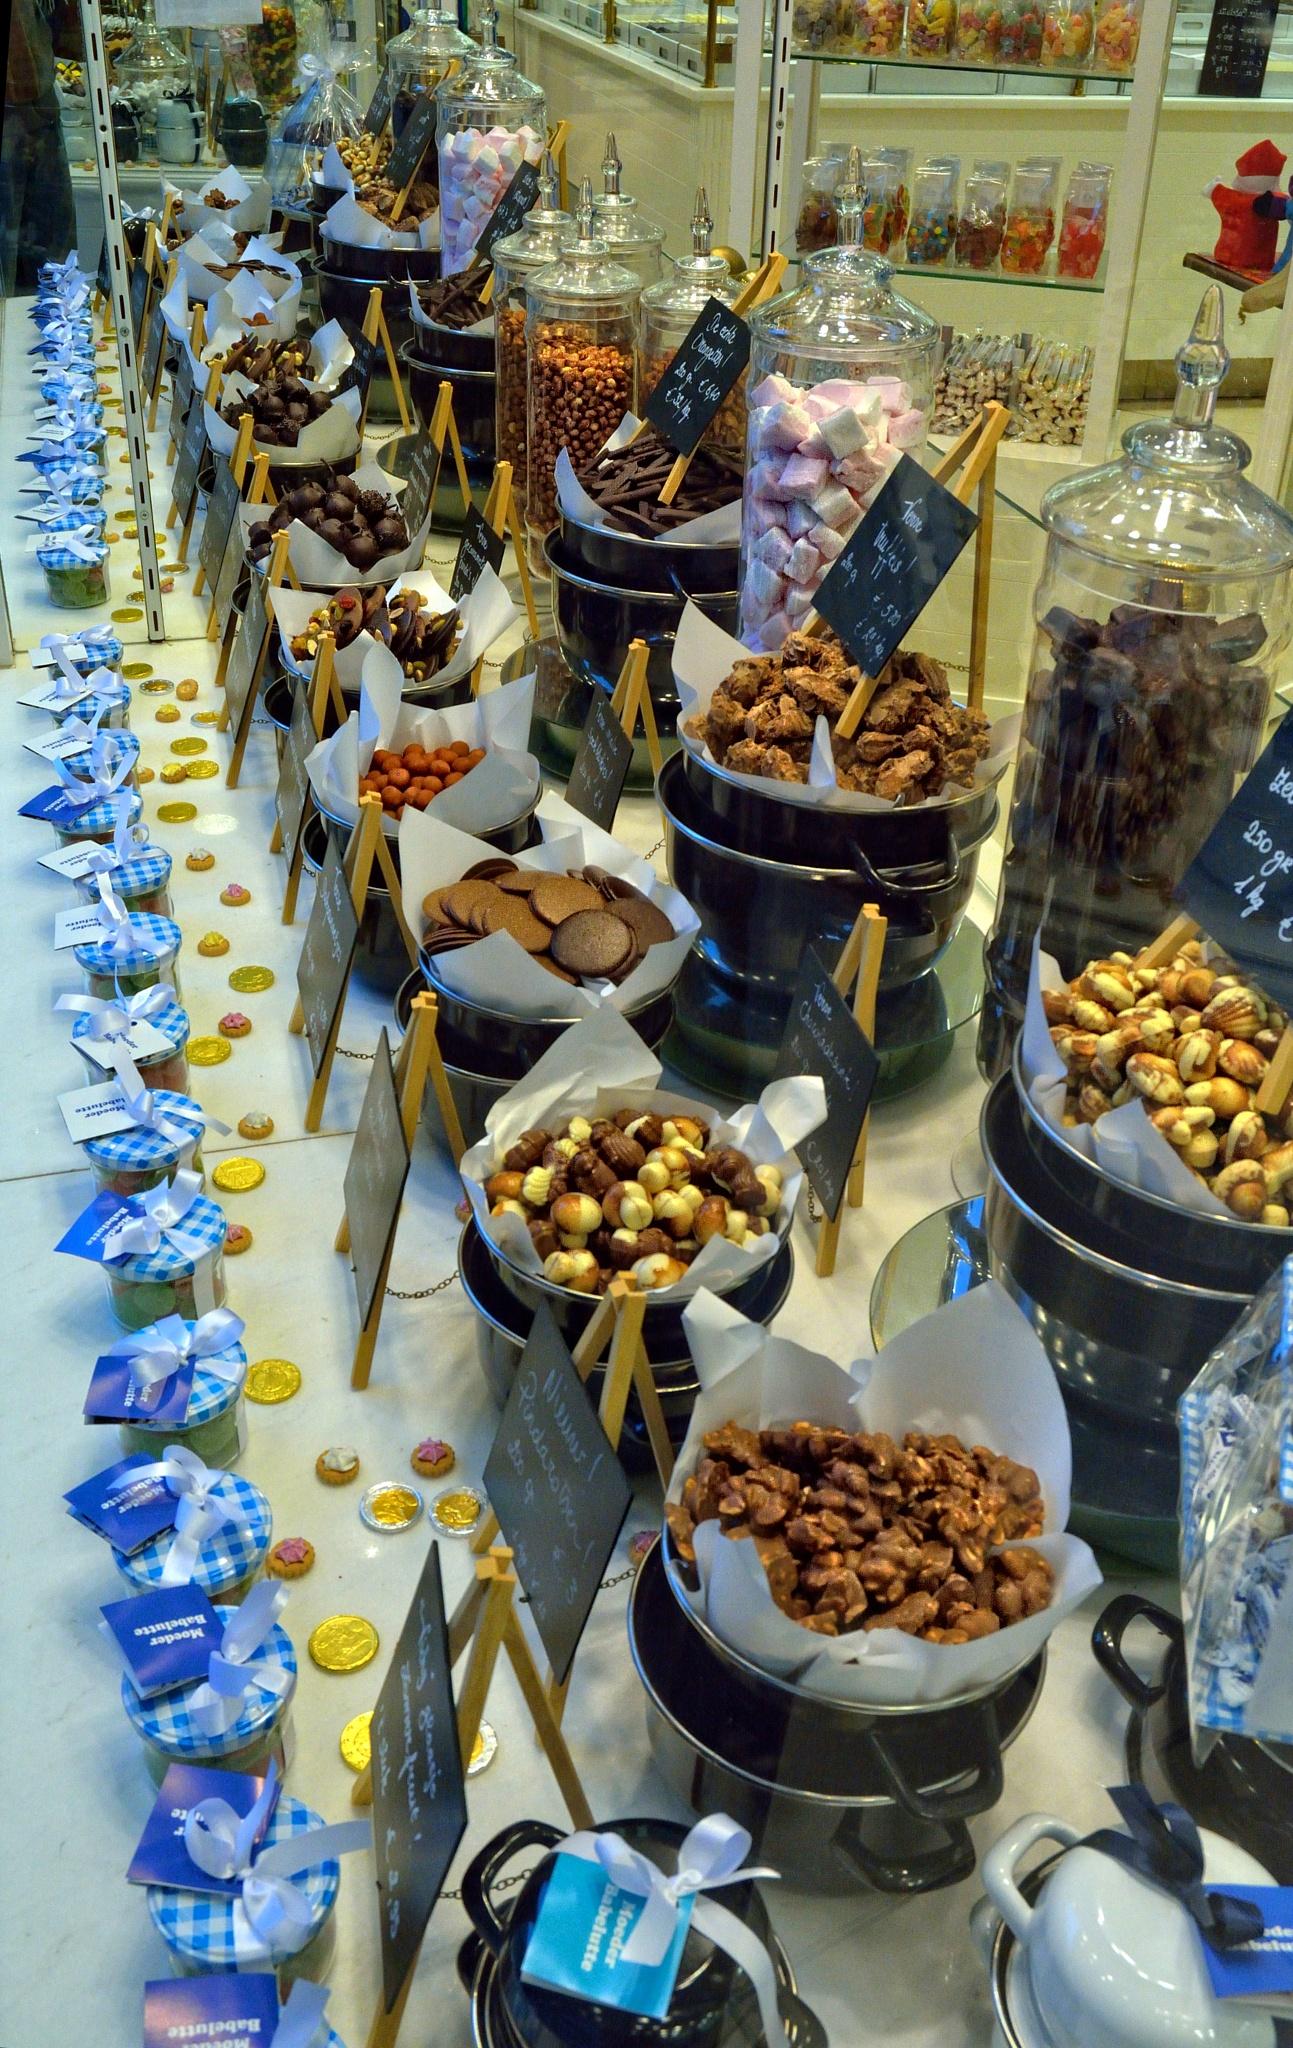 Sweet yummy's  by Pozofolio